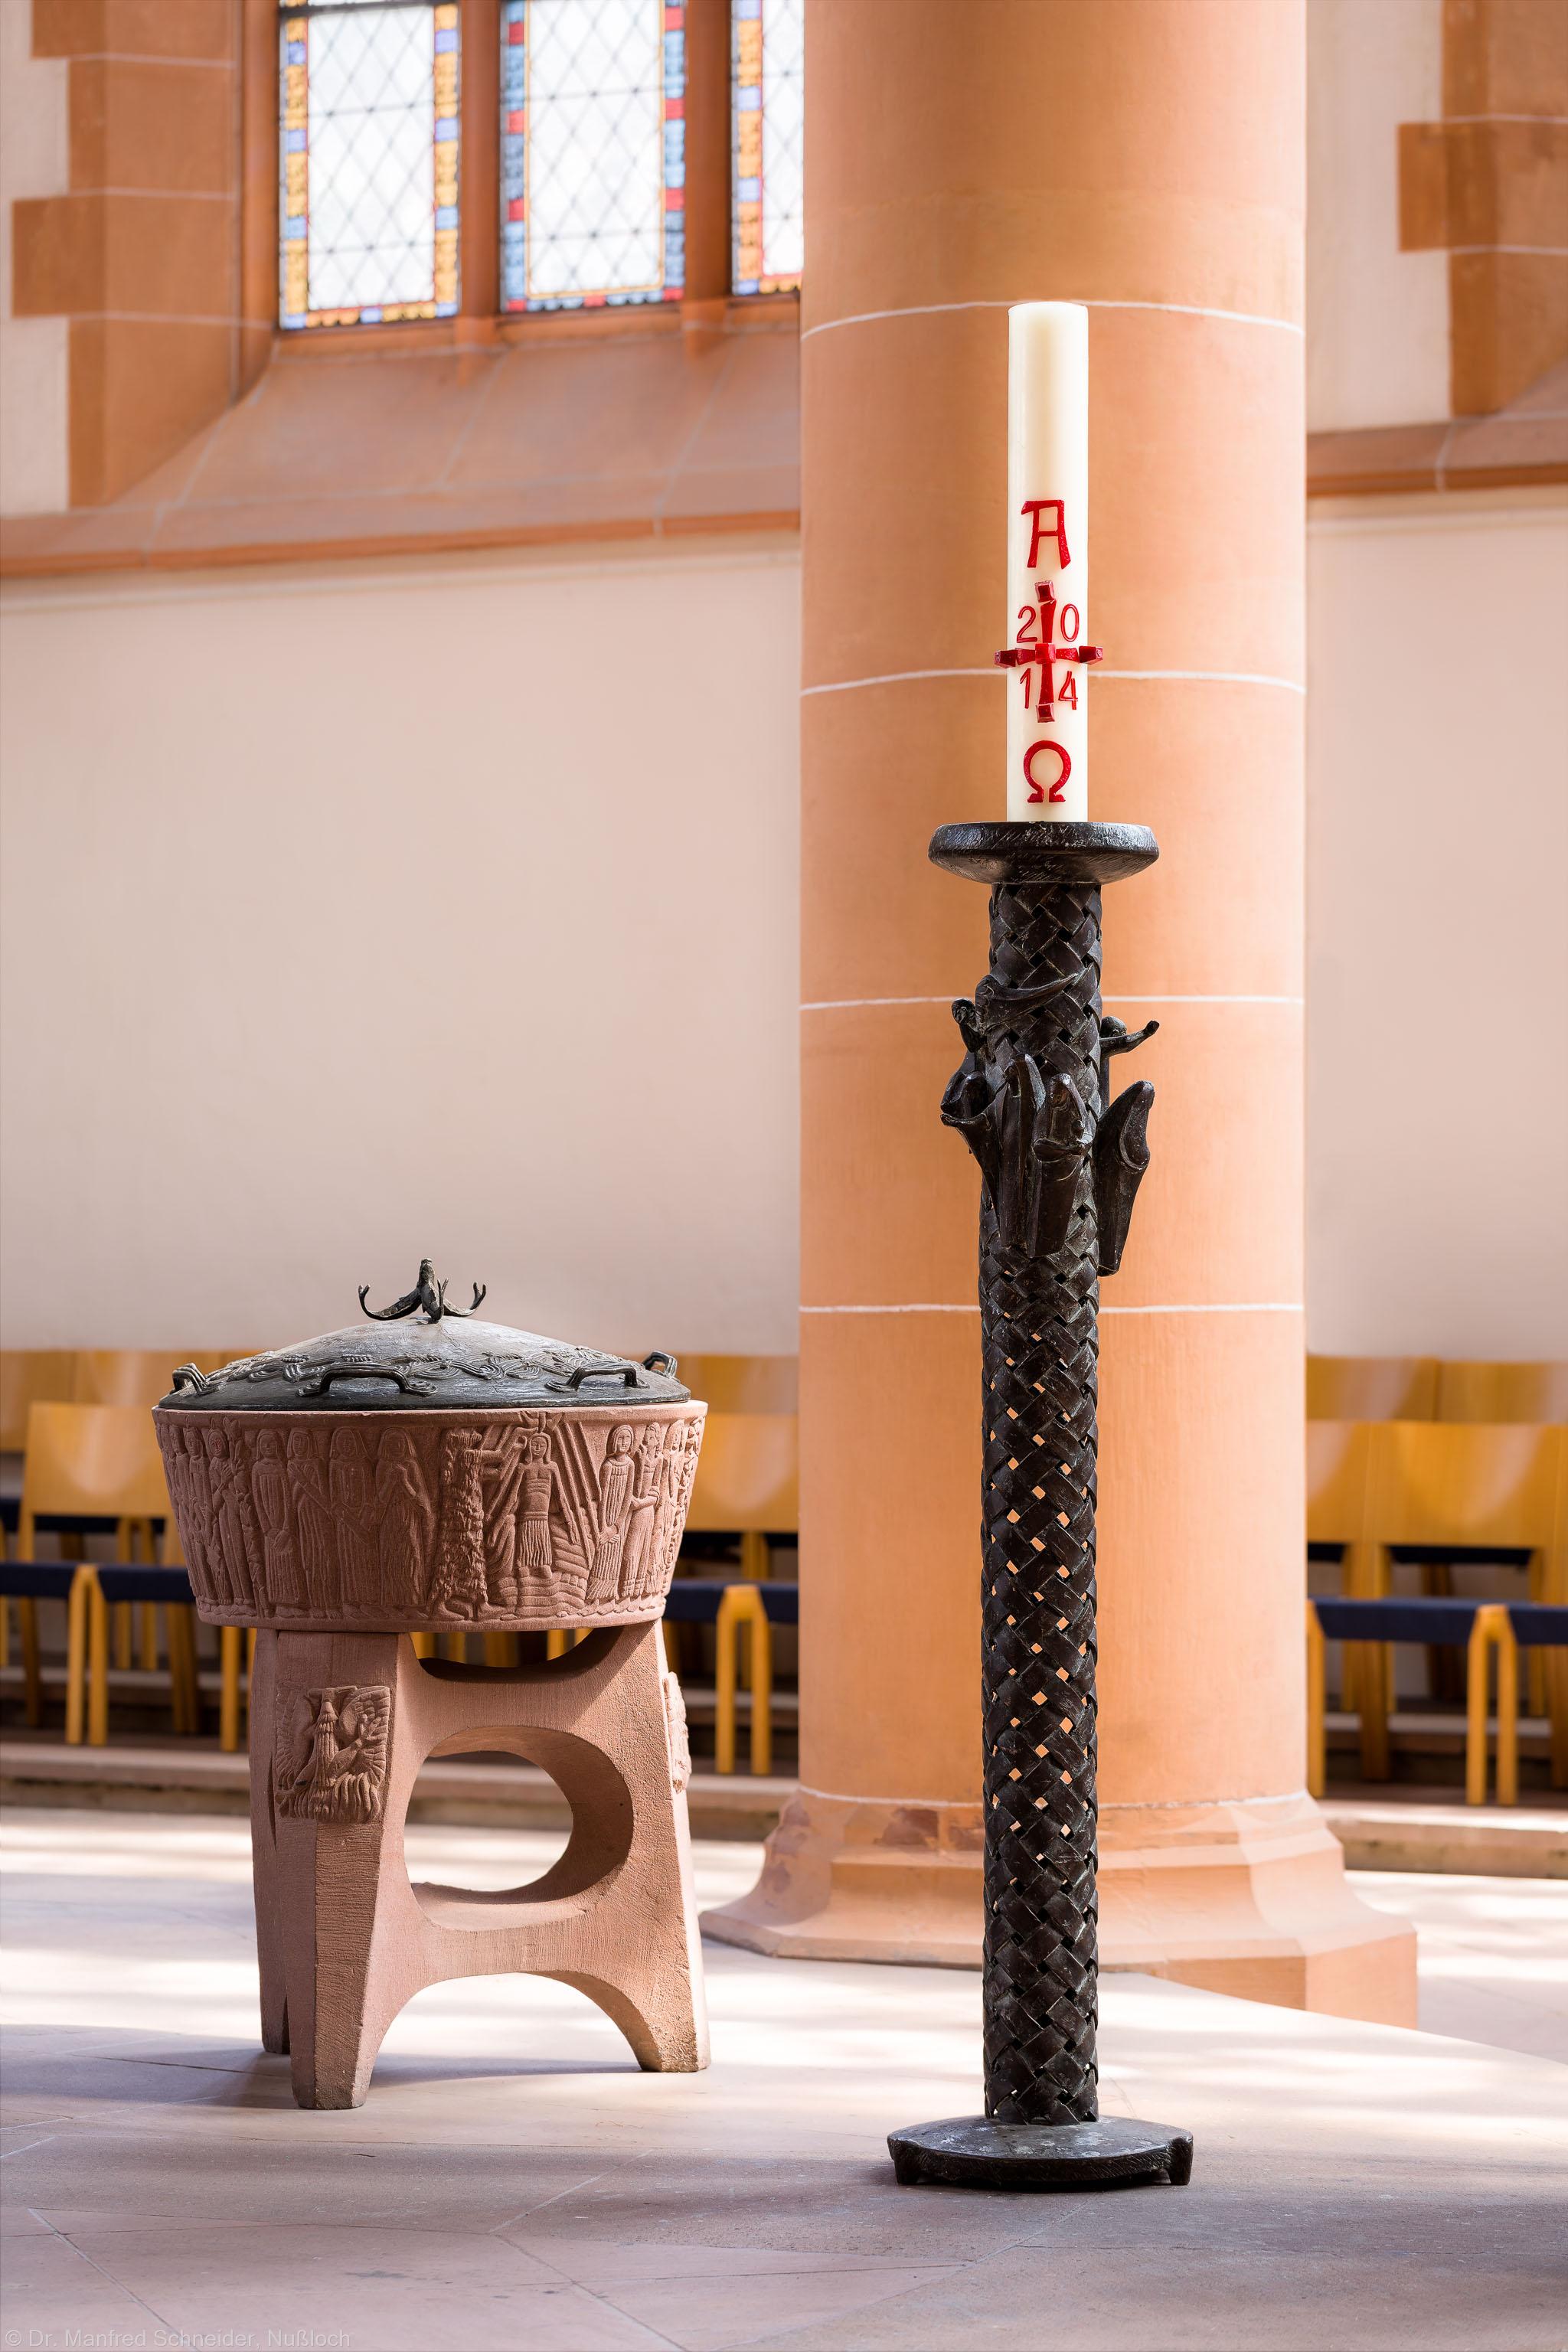 Heidelberg - Heiliggeistkirche - Altarbereich - Osterleuchter von Emil Jo Homolka und Taufbecken von Edzard Hobbing (aufgenommen im August 2014, am Nachmittag)